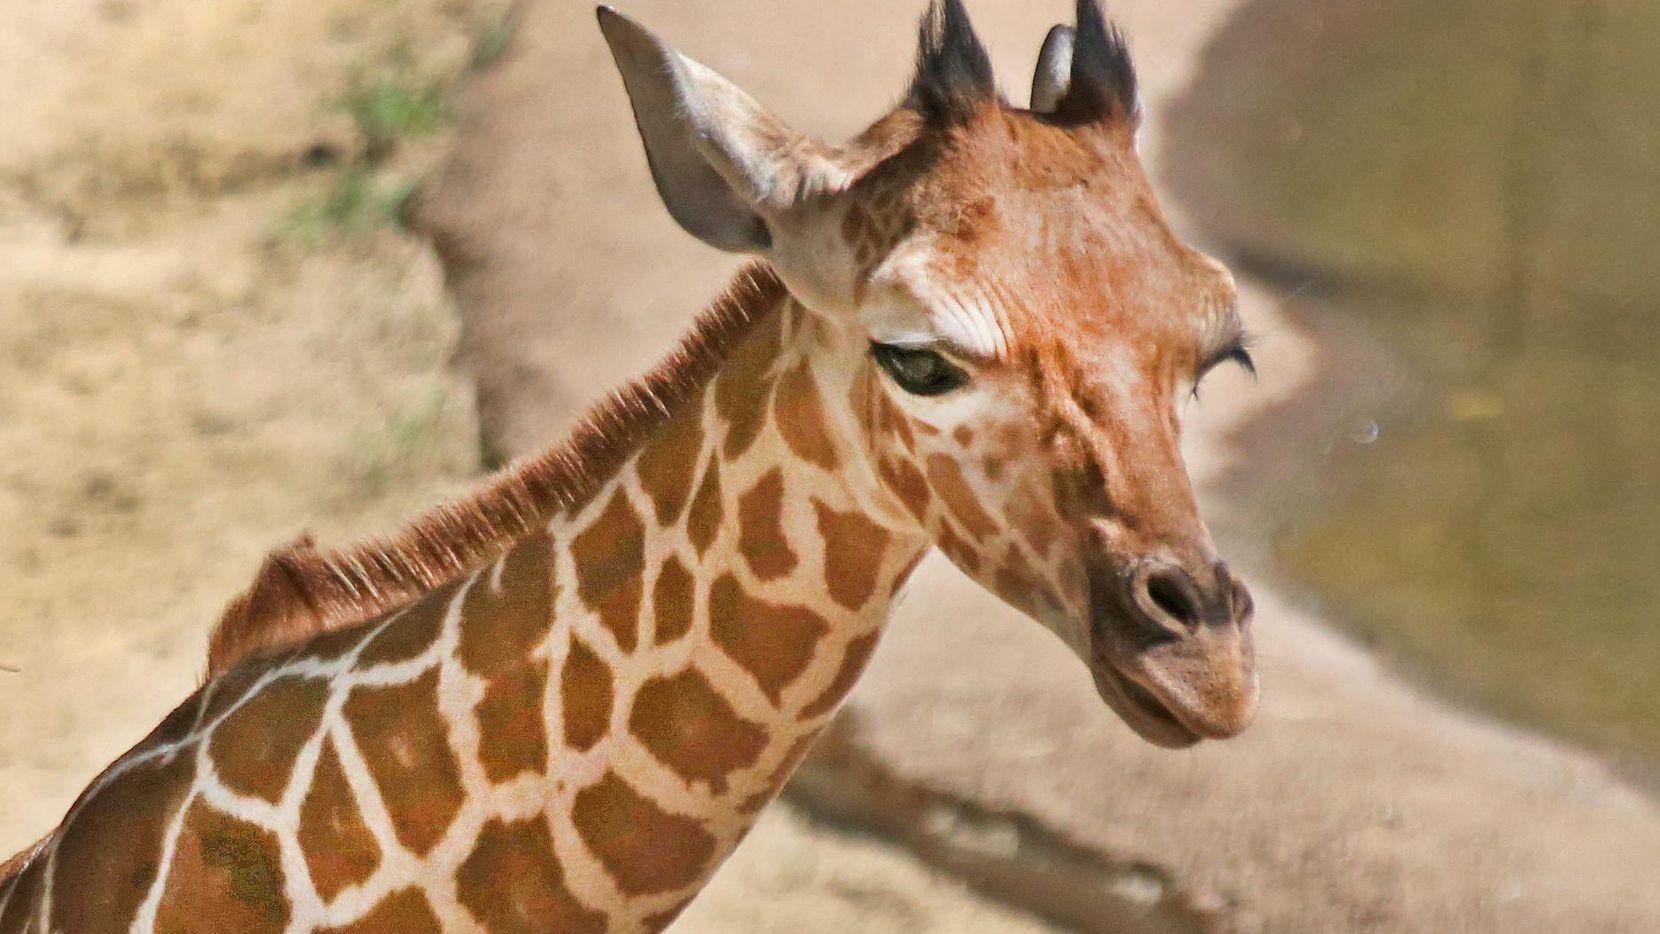 Wittem la jirafa bebé del Zoológico de Dallas. (DMN/Louis DeLuca)